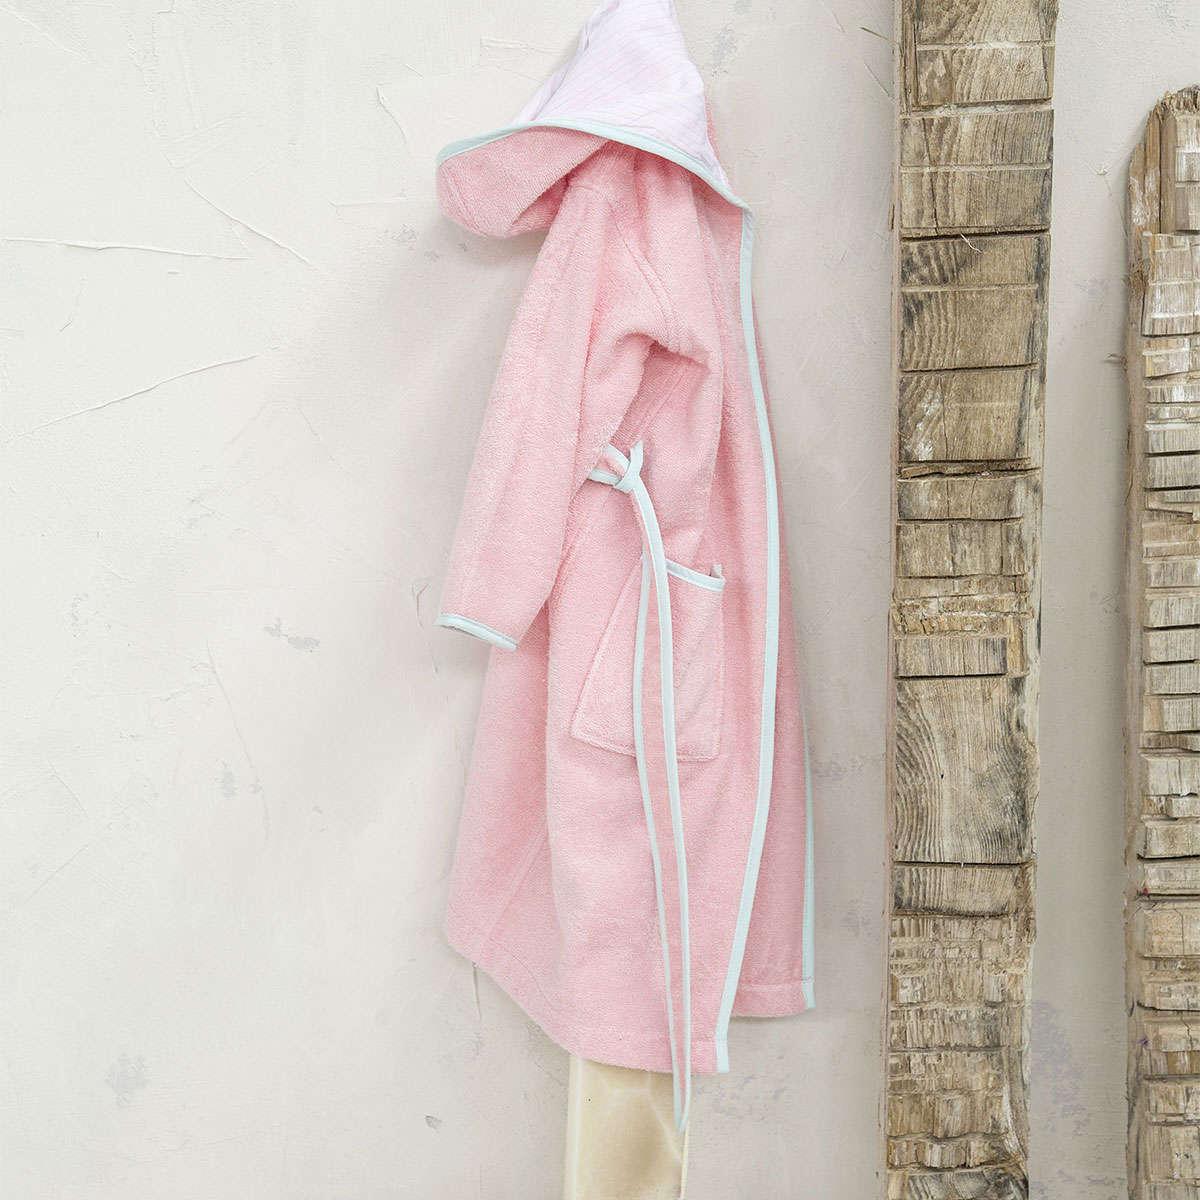 Μπουρνούζι Παιδικό -Nora Pink Nima 6-8 ετών No 8